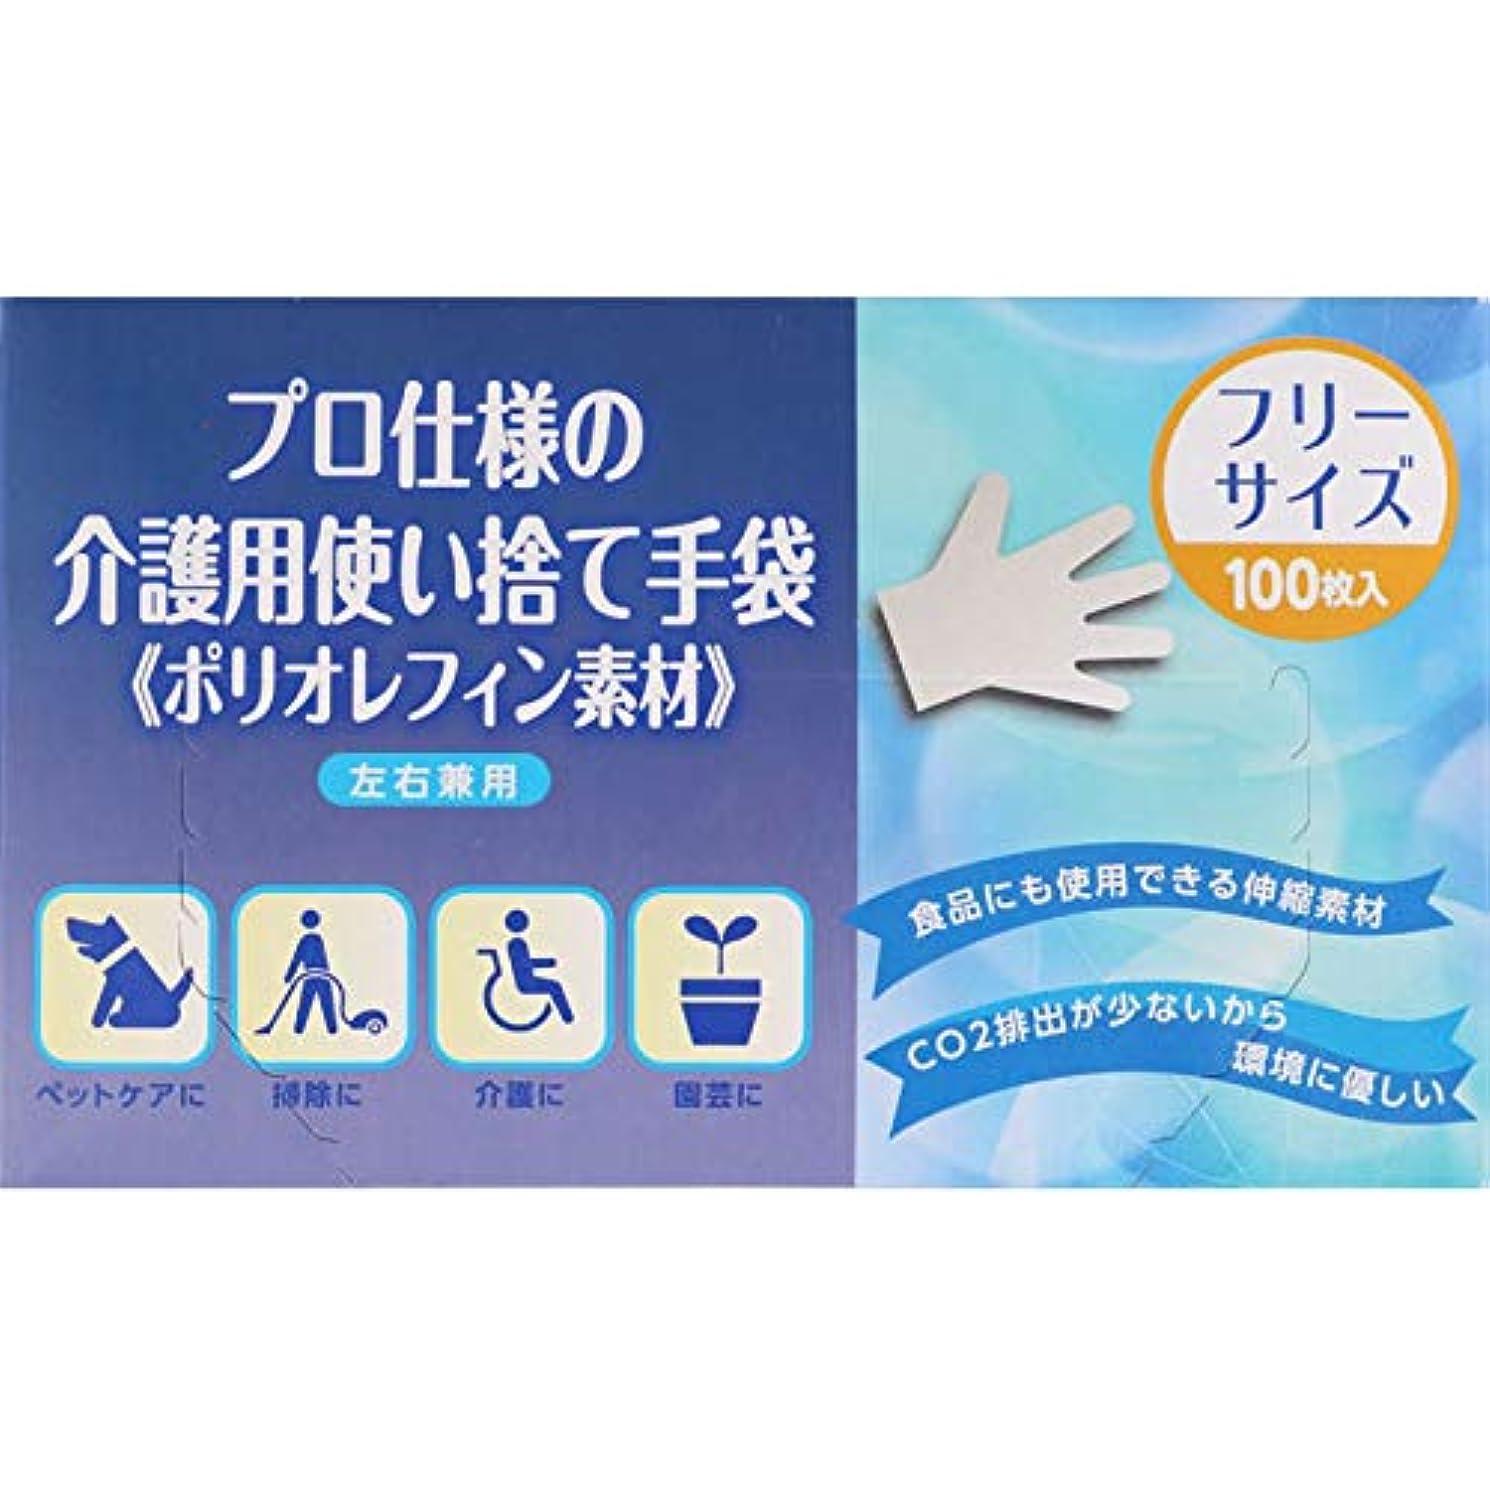 薄汚いギネス食事【10個セット】プロ仕様の介護用使い捨て手袋《ポリオレフィン素材》 100枚